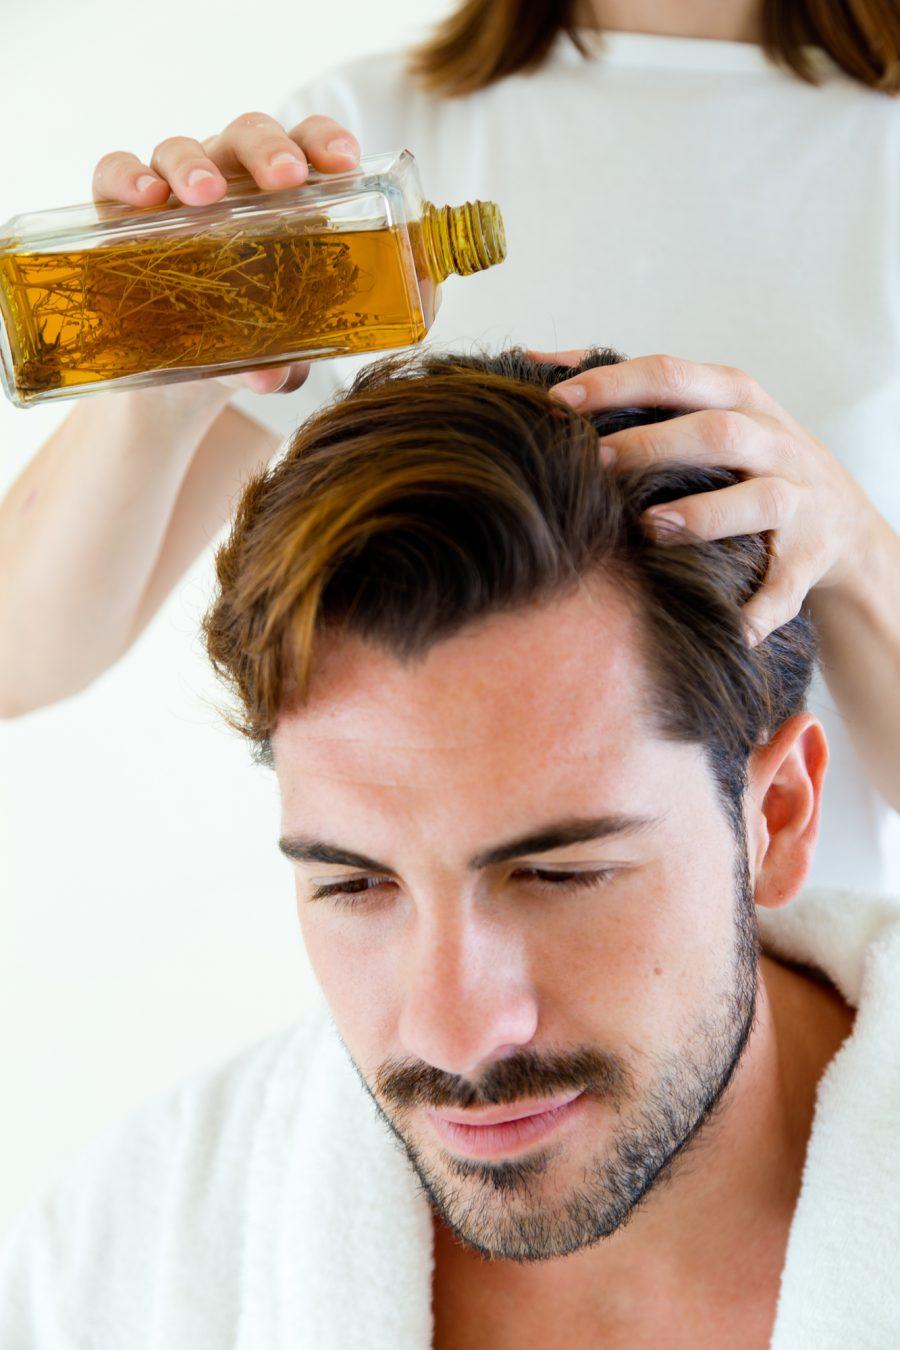 Man Oil in Hair